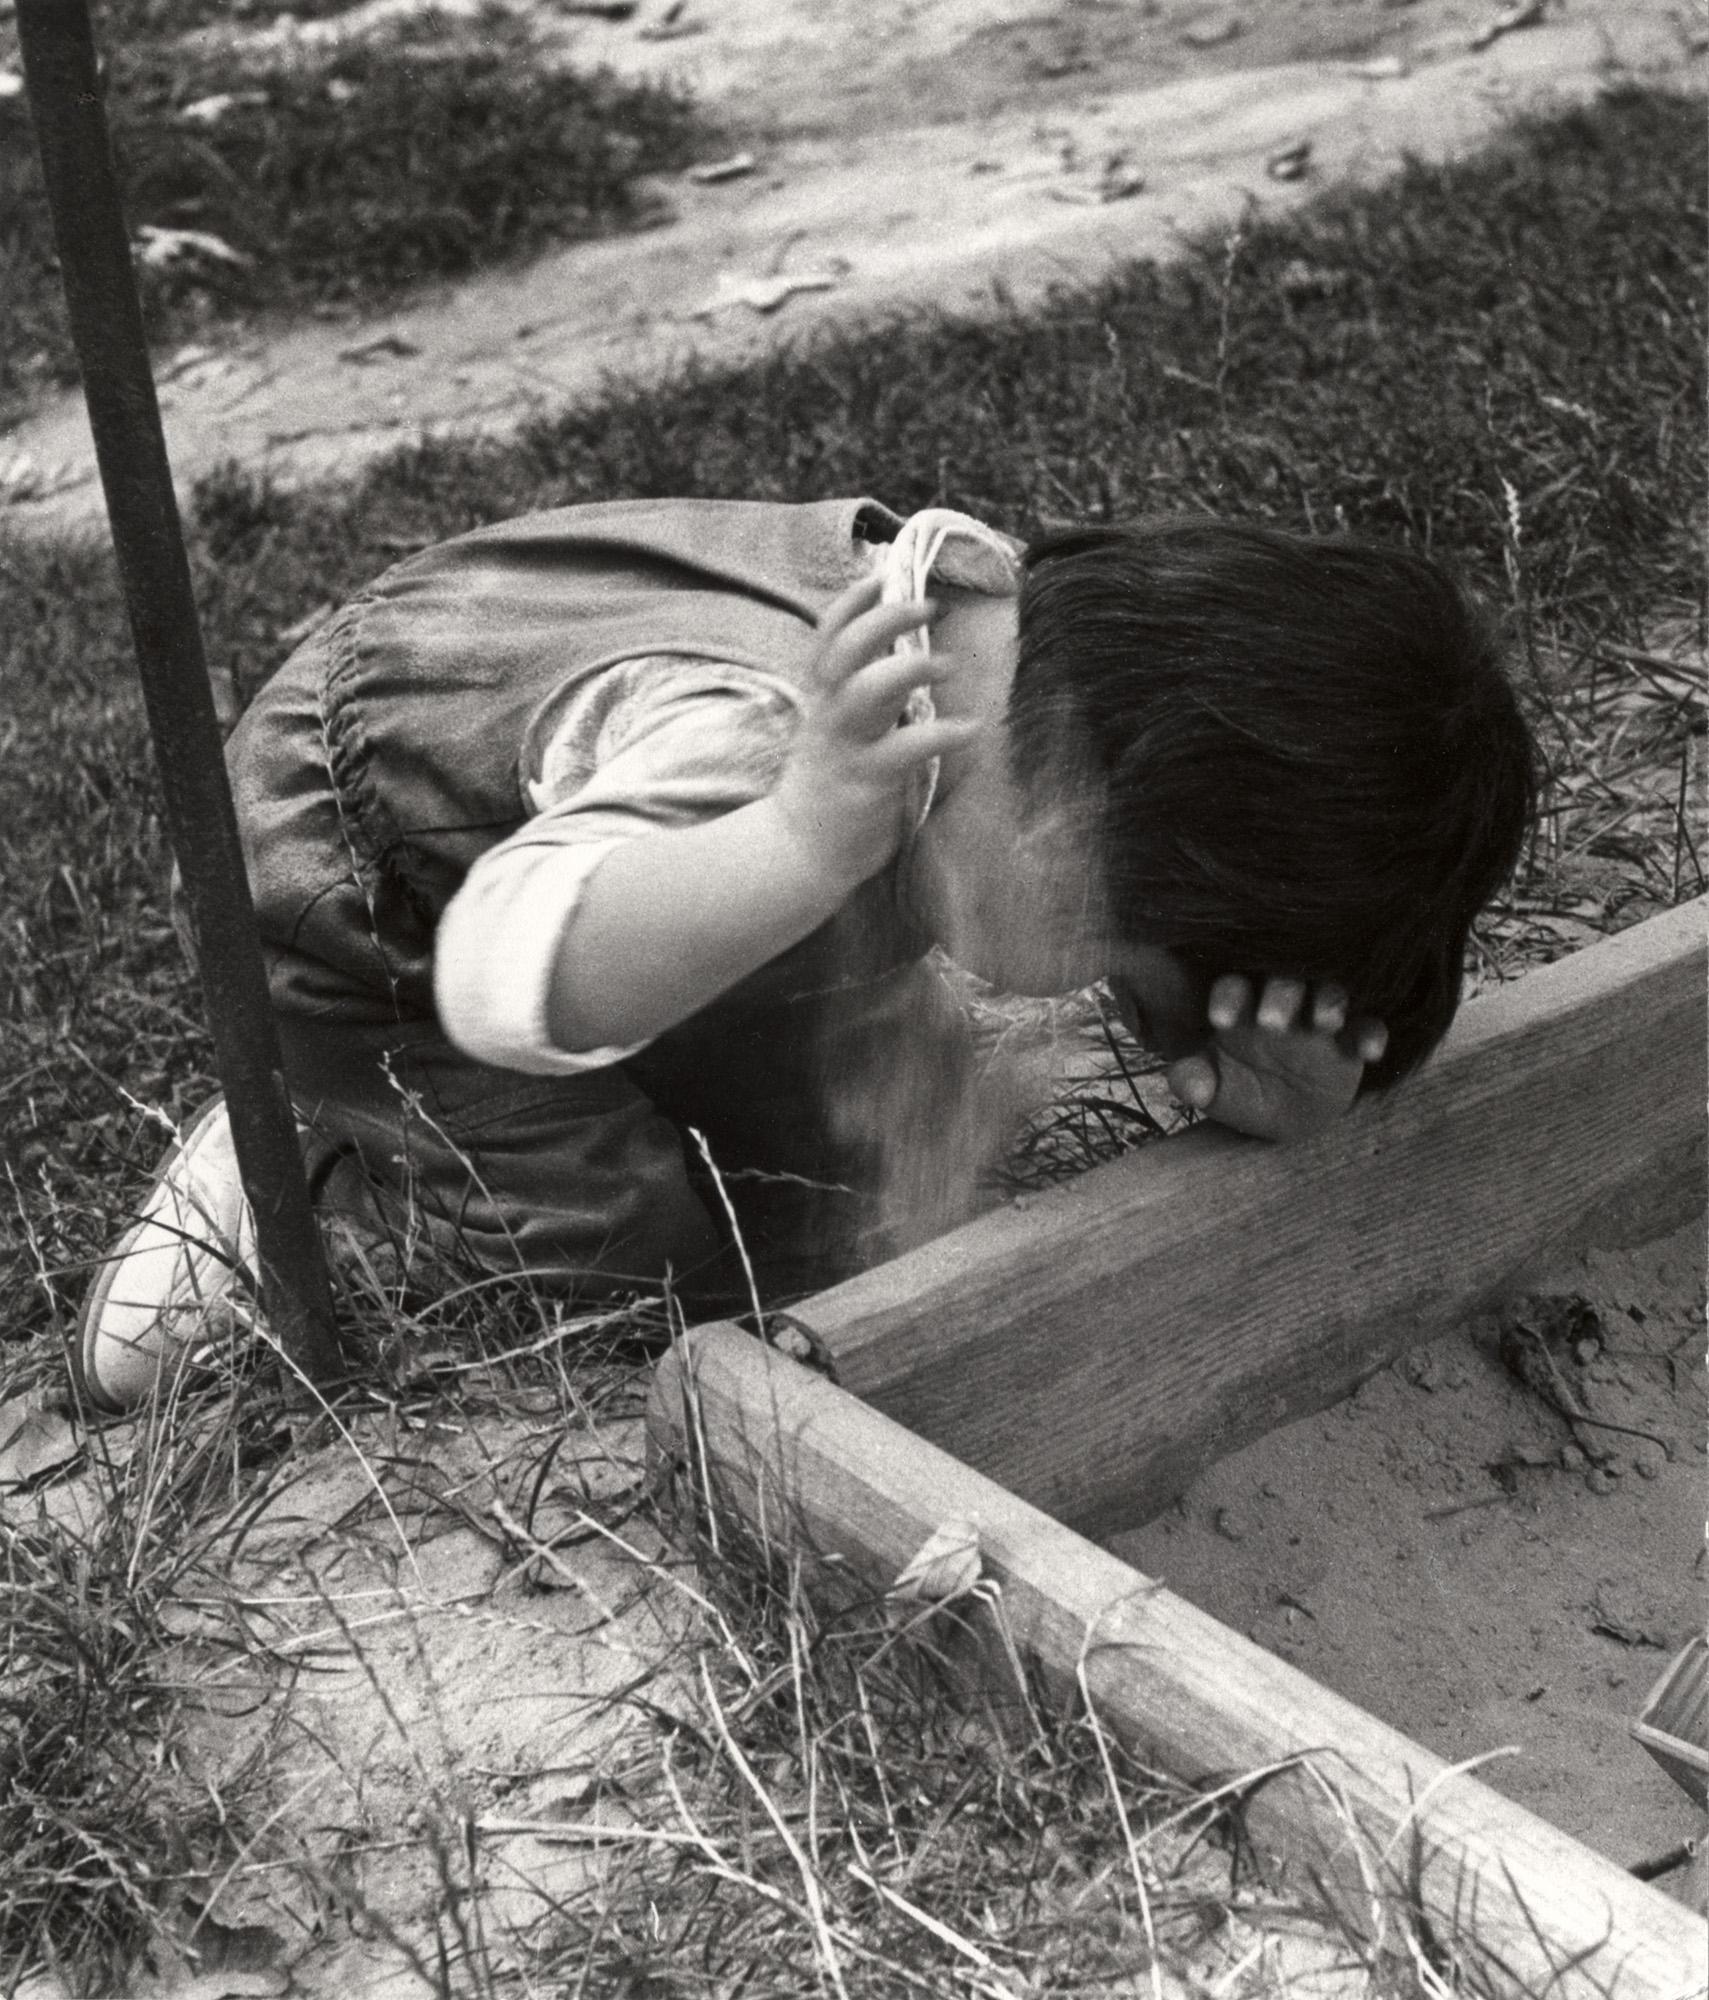 Fotó: Reismann Marian: Vak kislány hallgatja a homokot, 1979 © Magyar Fotográfiai Múzeum